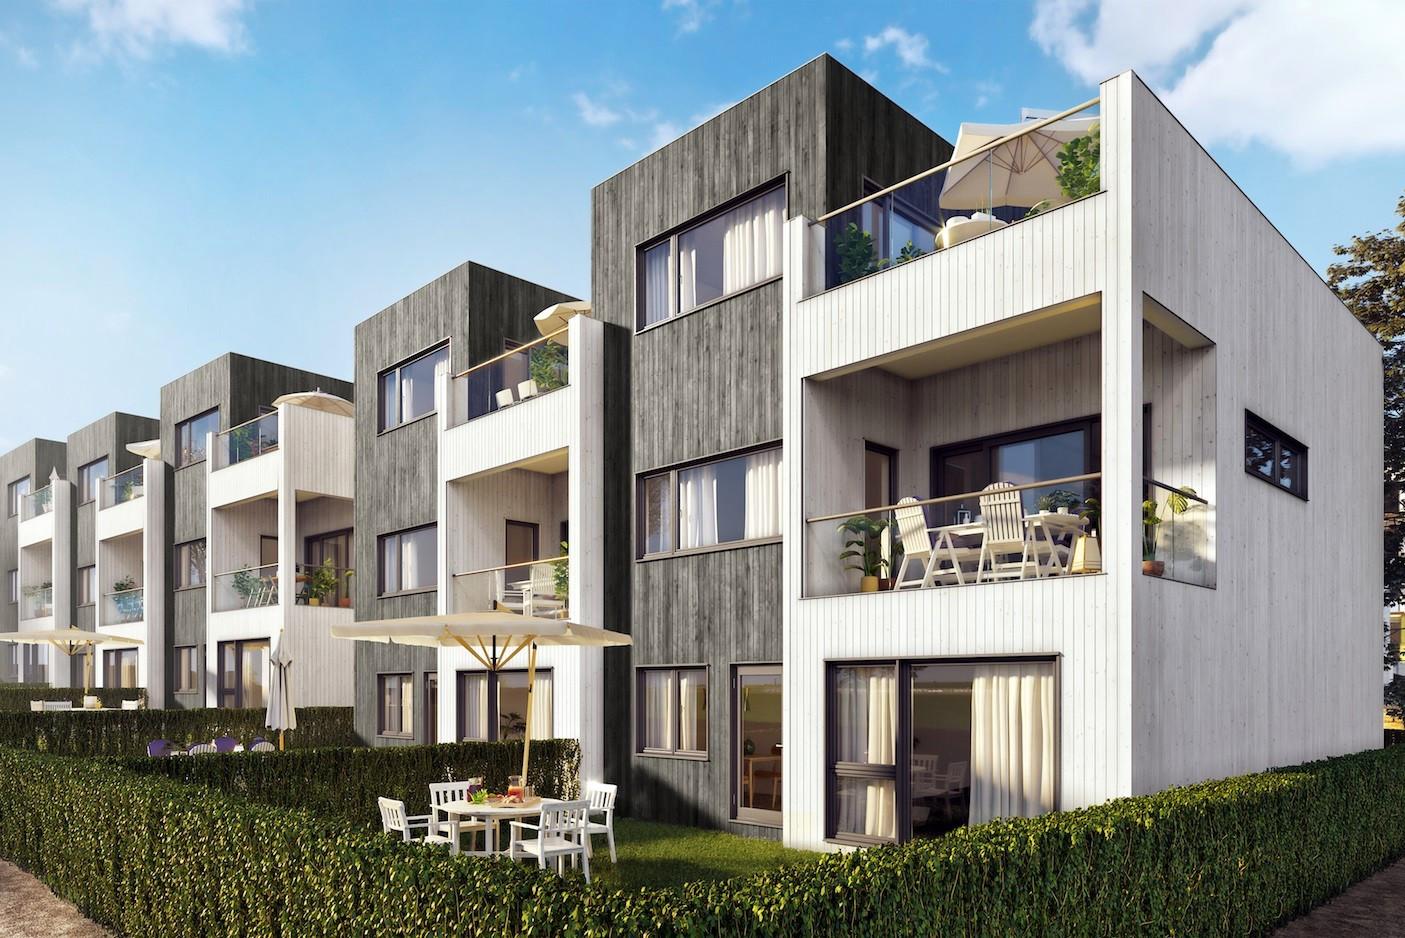 med-bade-takterrasse-balkong-og-hage-er-det-mange-muligheter-a-nyte-utsikten